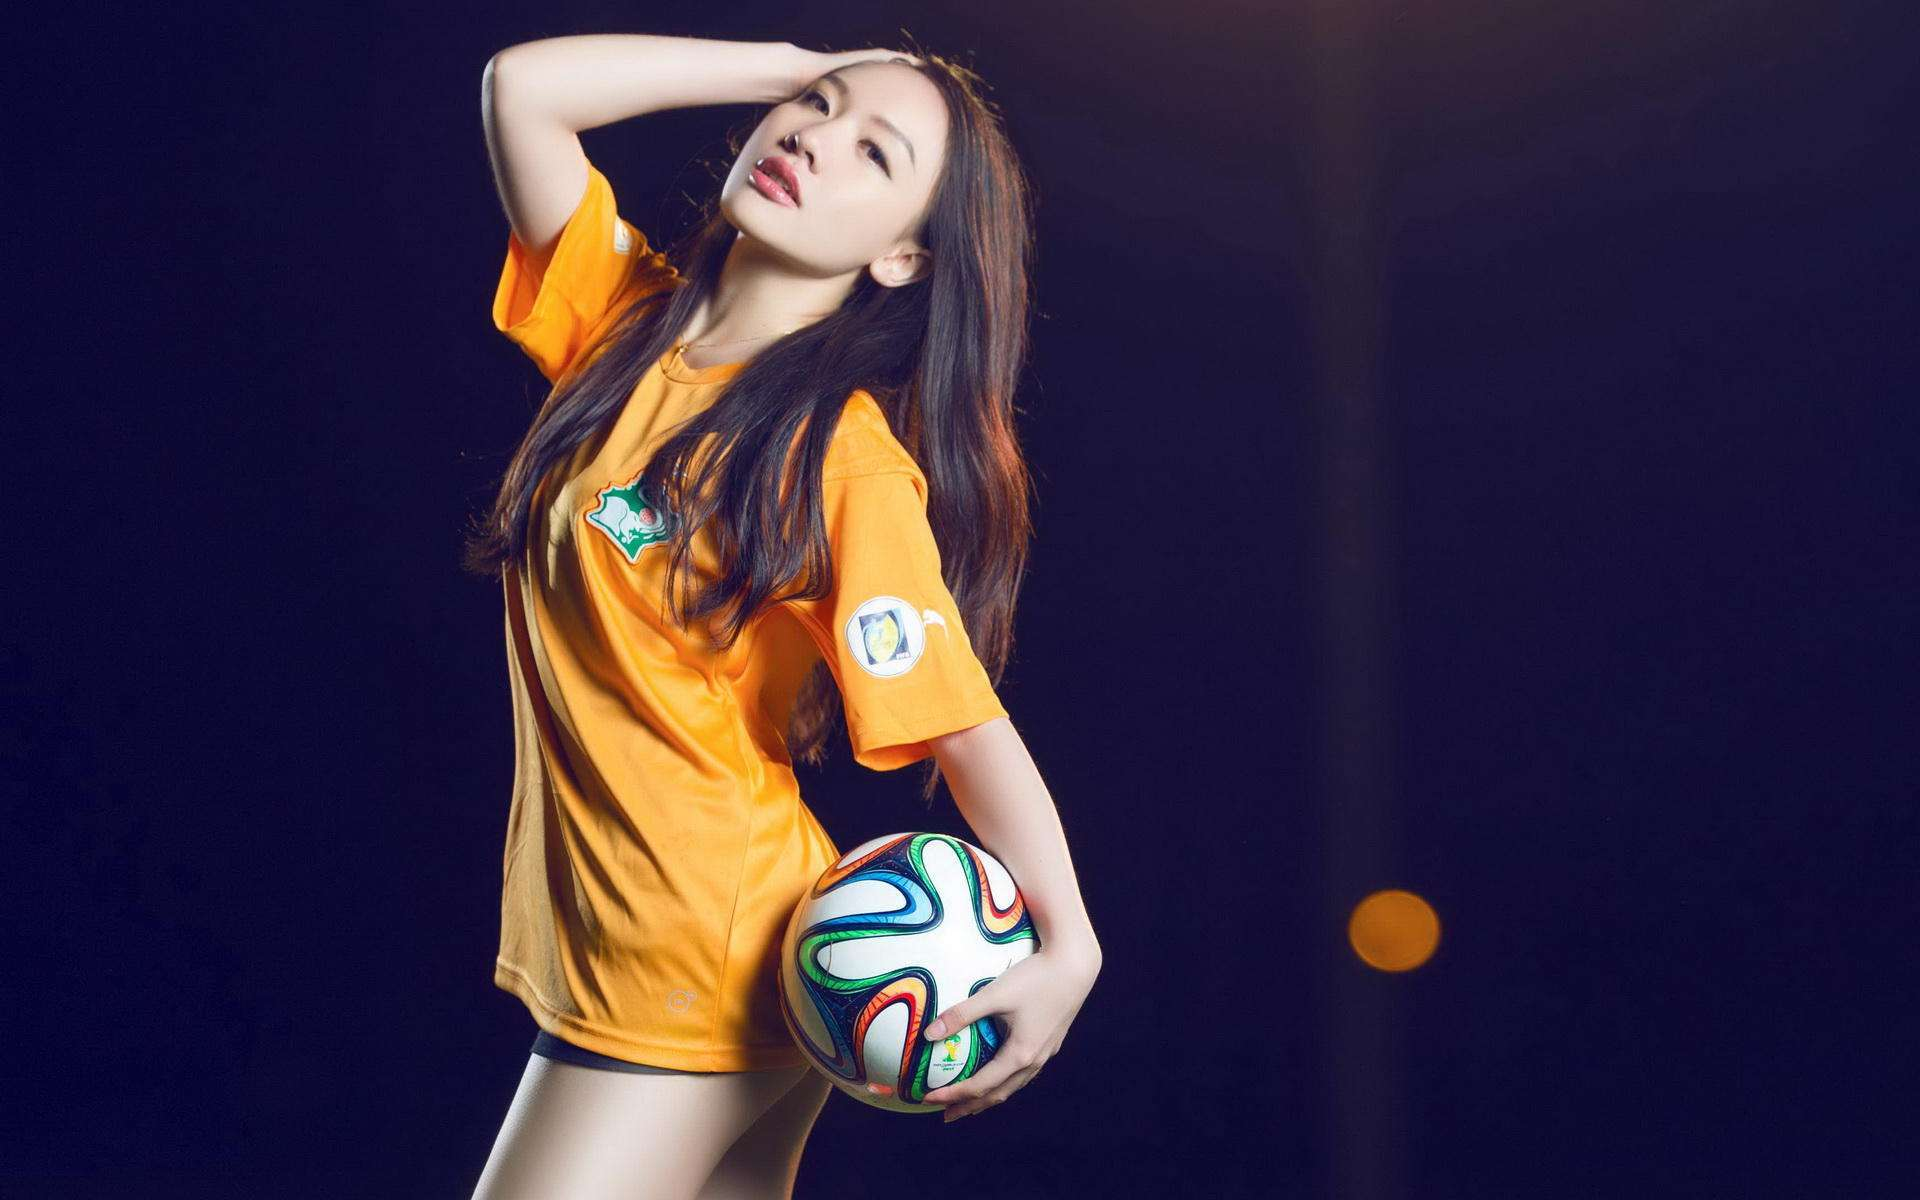 山东企业家福利来了 2018世界杯足球宝贝大赛招商你需要了解的